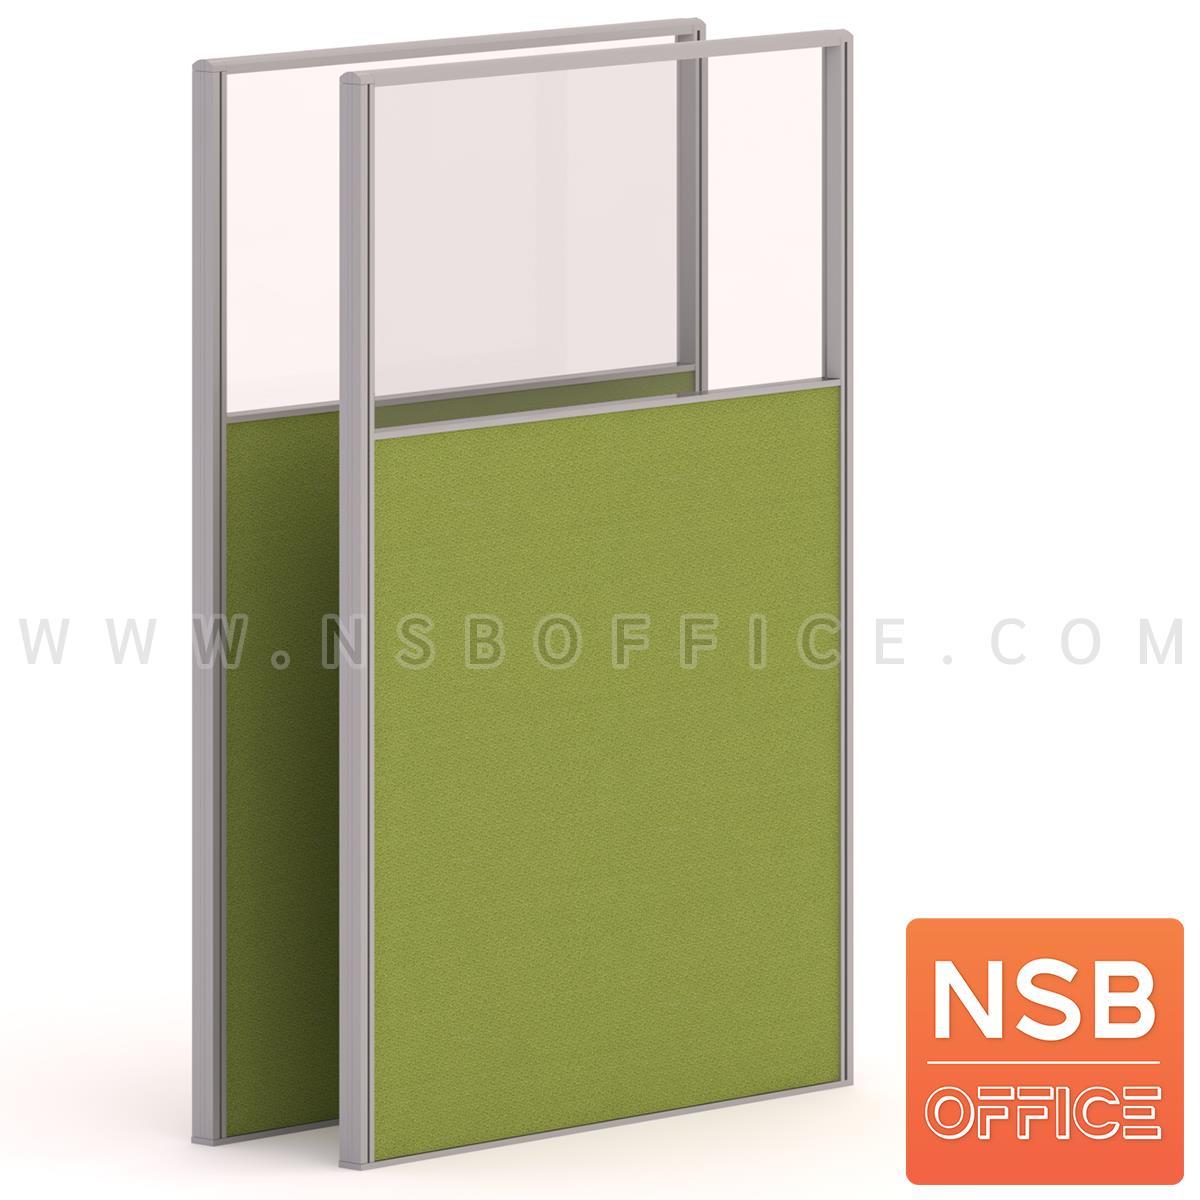 P01A075:พาร์ทิชั่นแบบครึ่งทึบครึ่งกระจกใส รุ่น NSB SERIES 4  สูง 120 ซม. พร้อมเสาเริ่ม